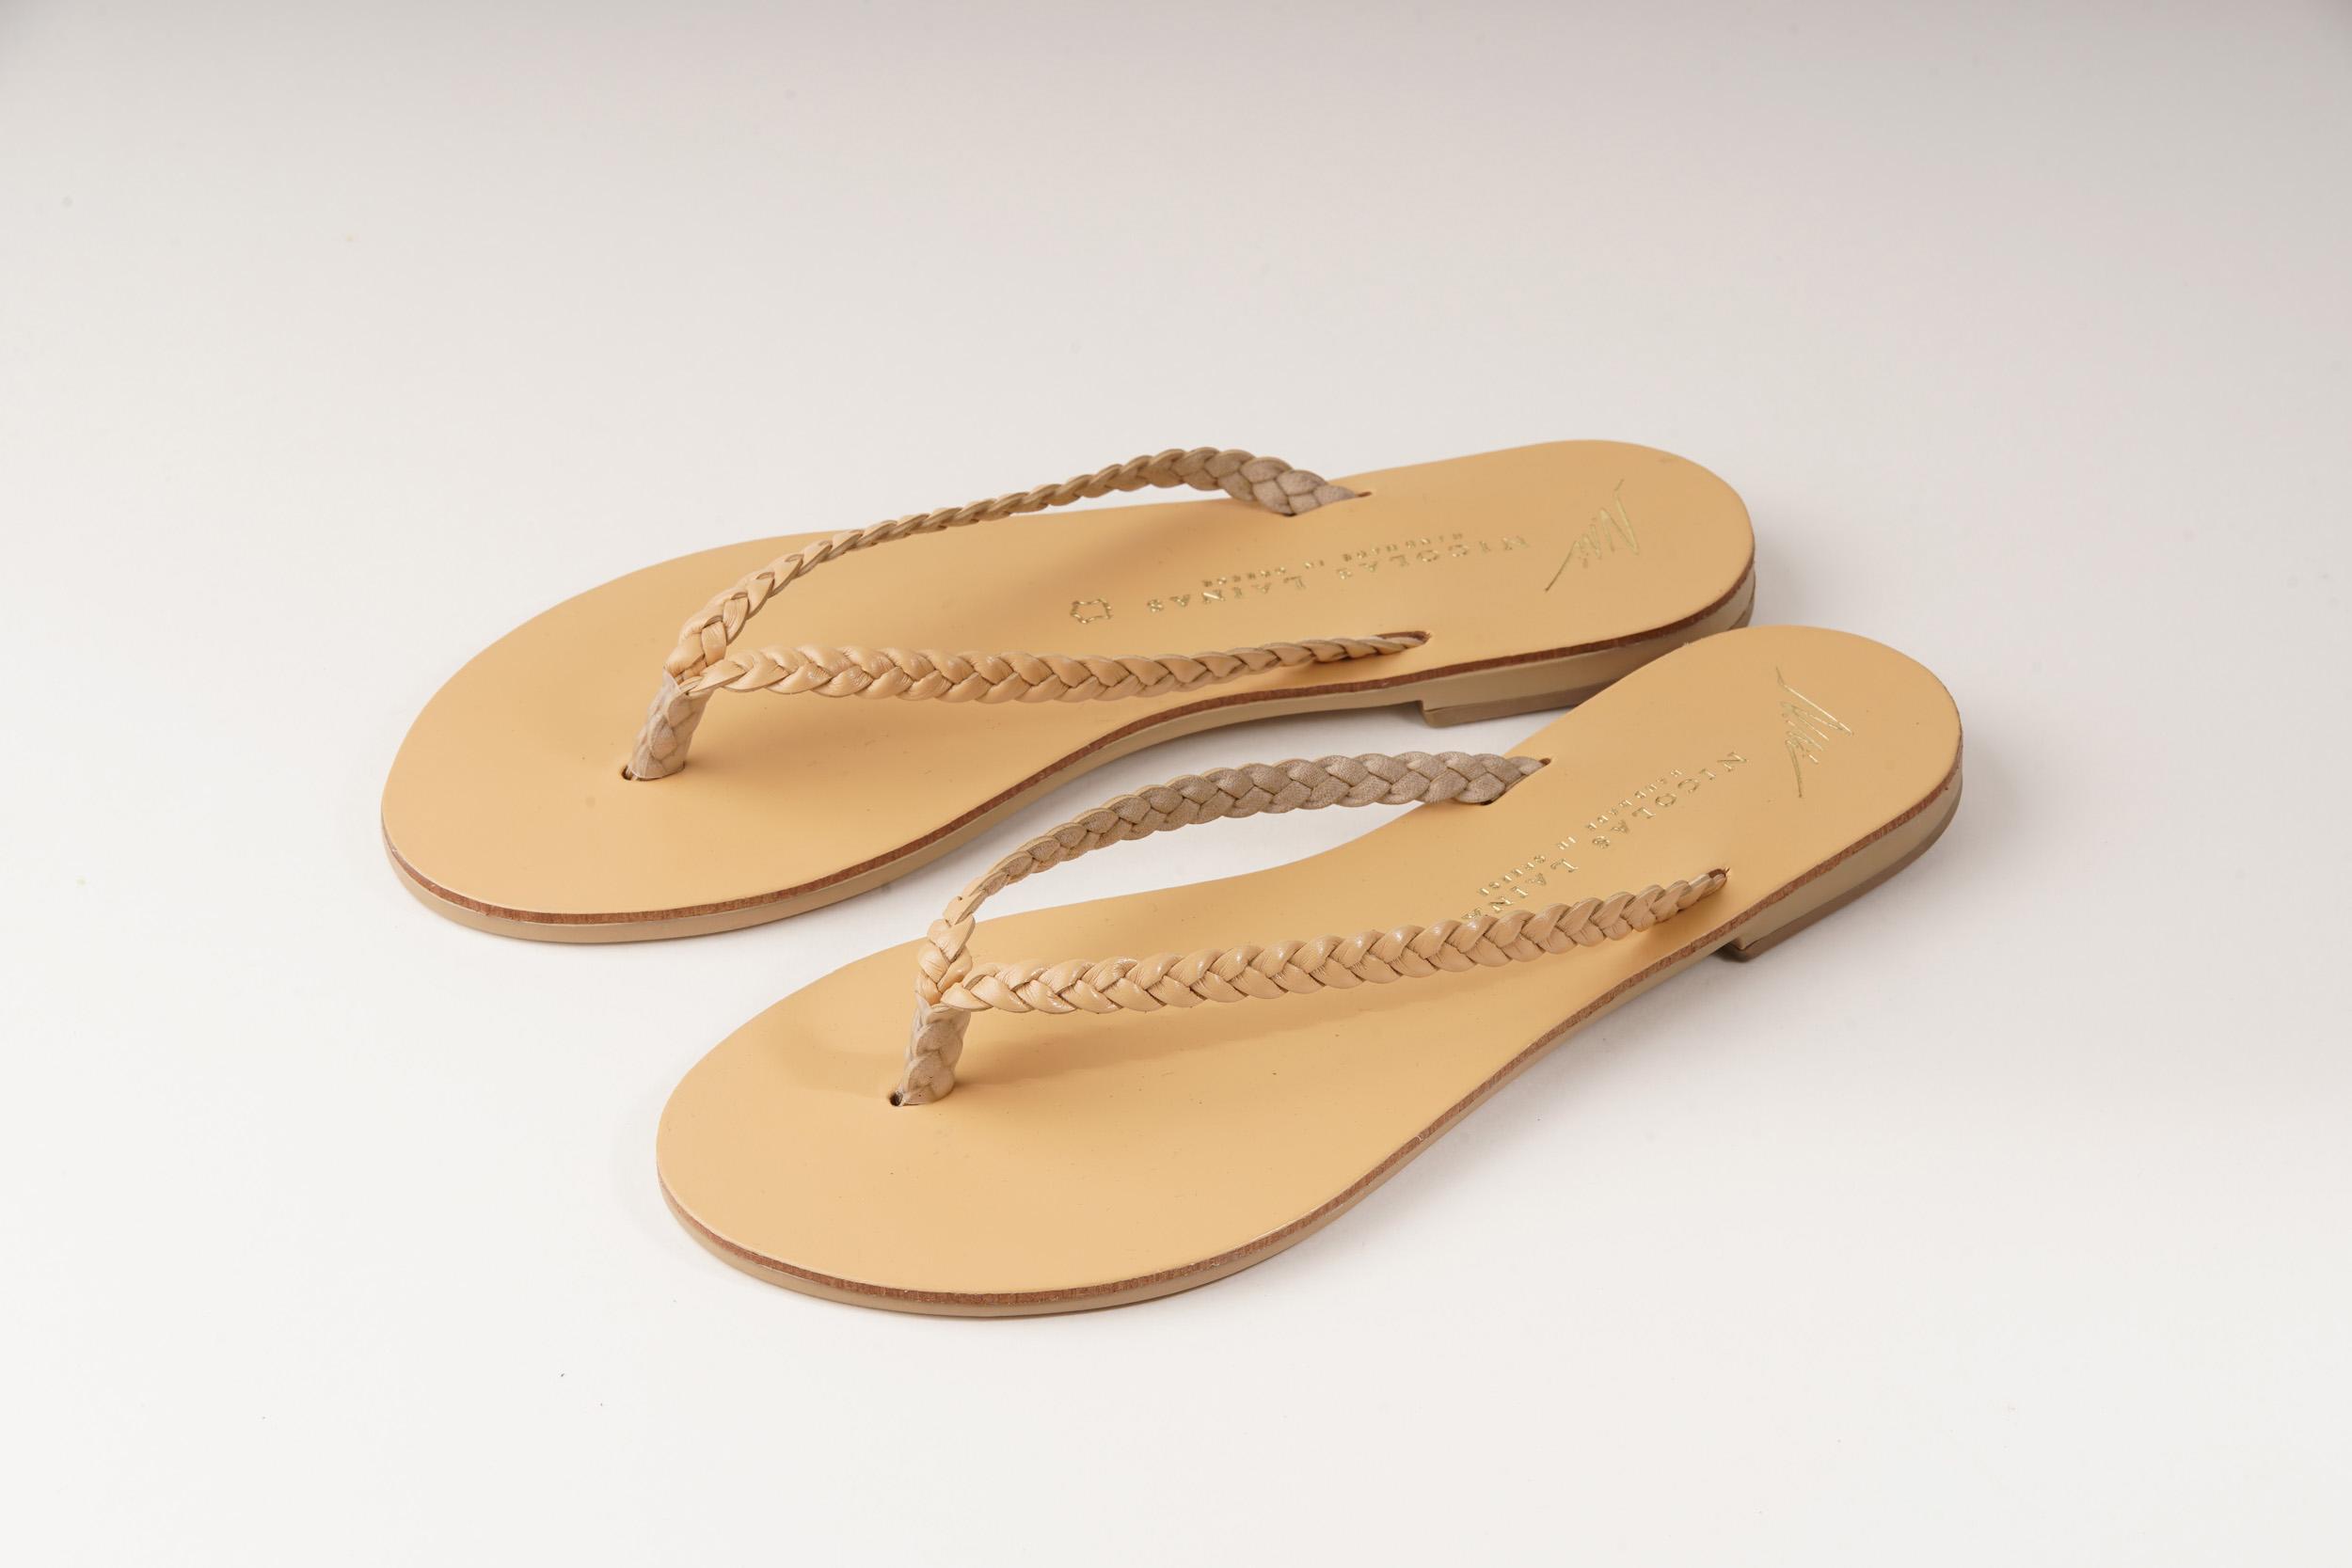 ニコラス ライナスのビーチサンダルを営業が輸入してショップに販売